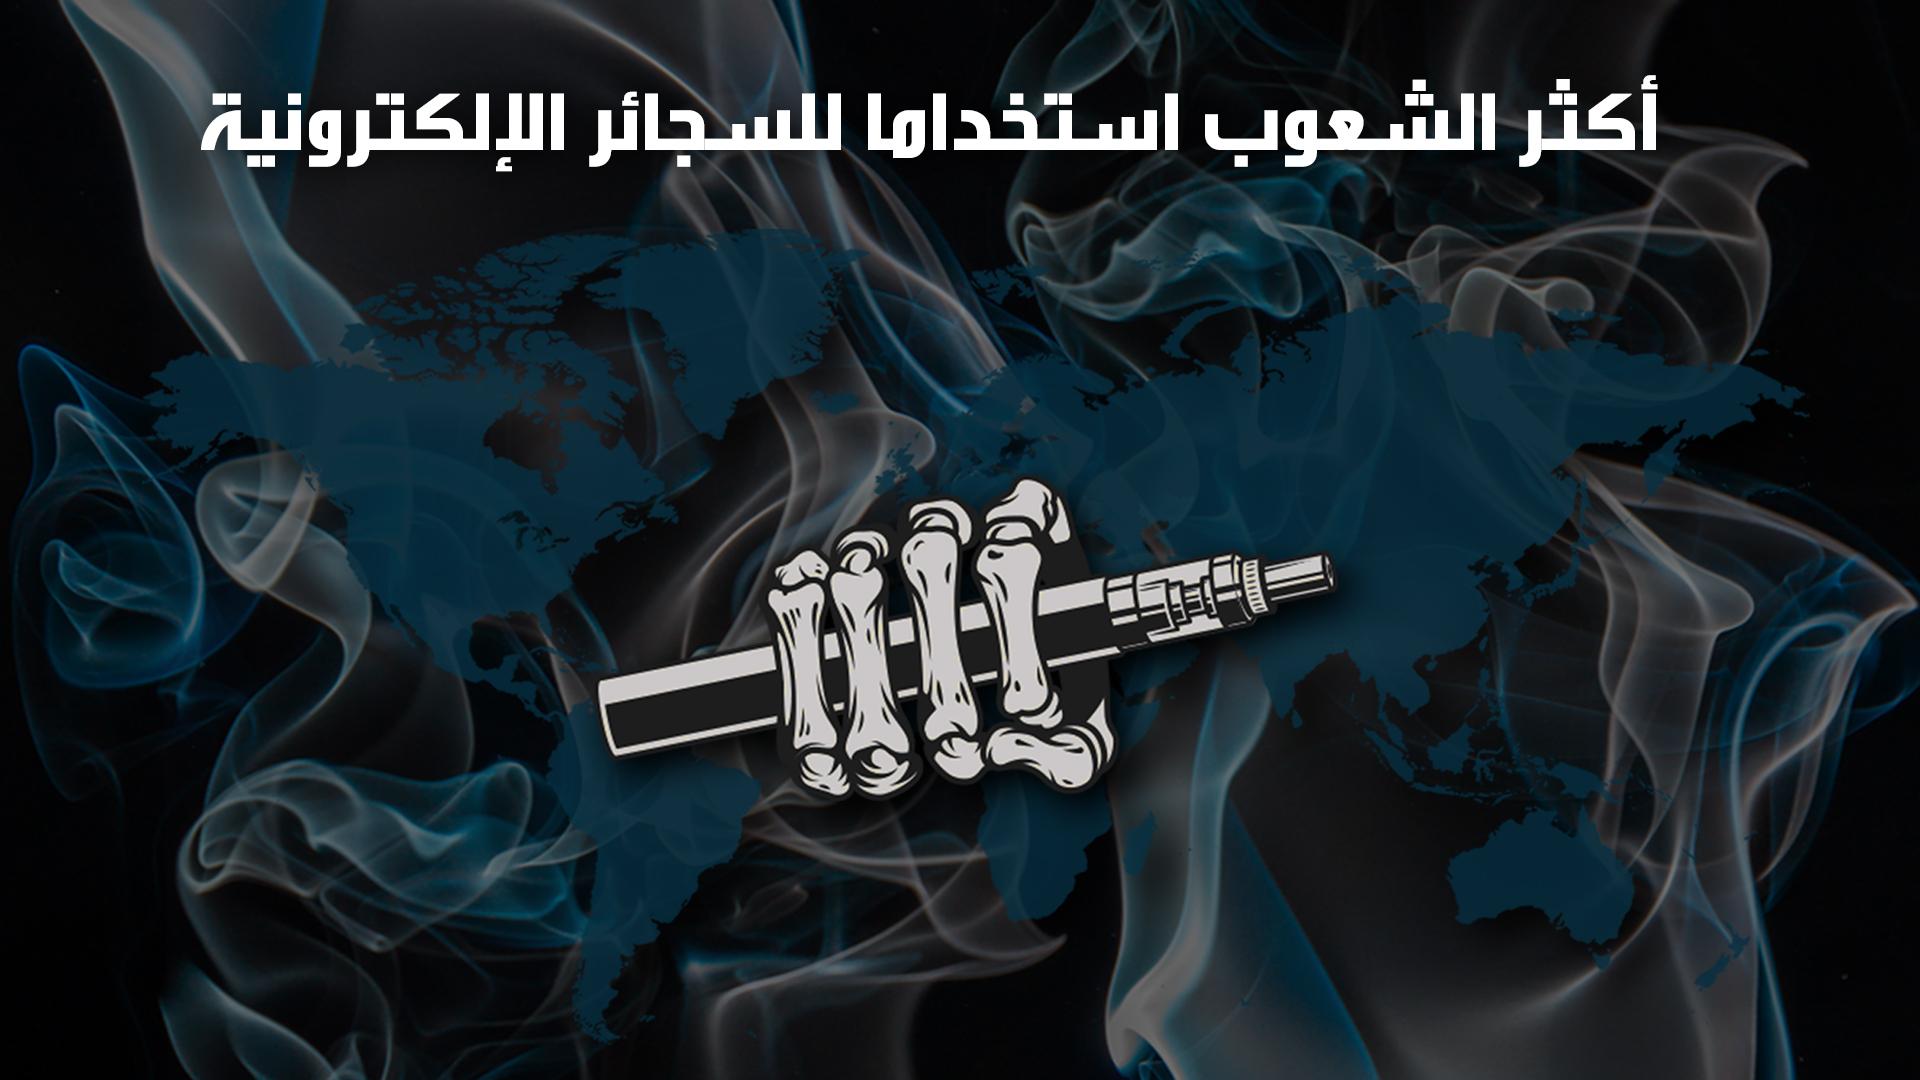 أكثر الشعوب استخداما للسجائر الإلكترونية